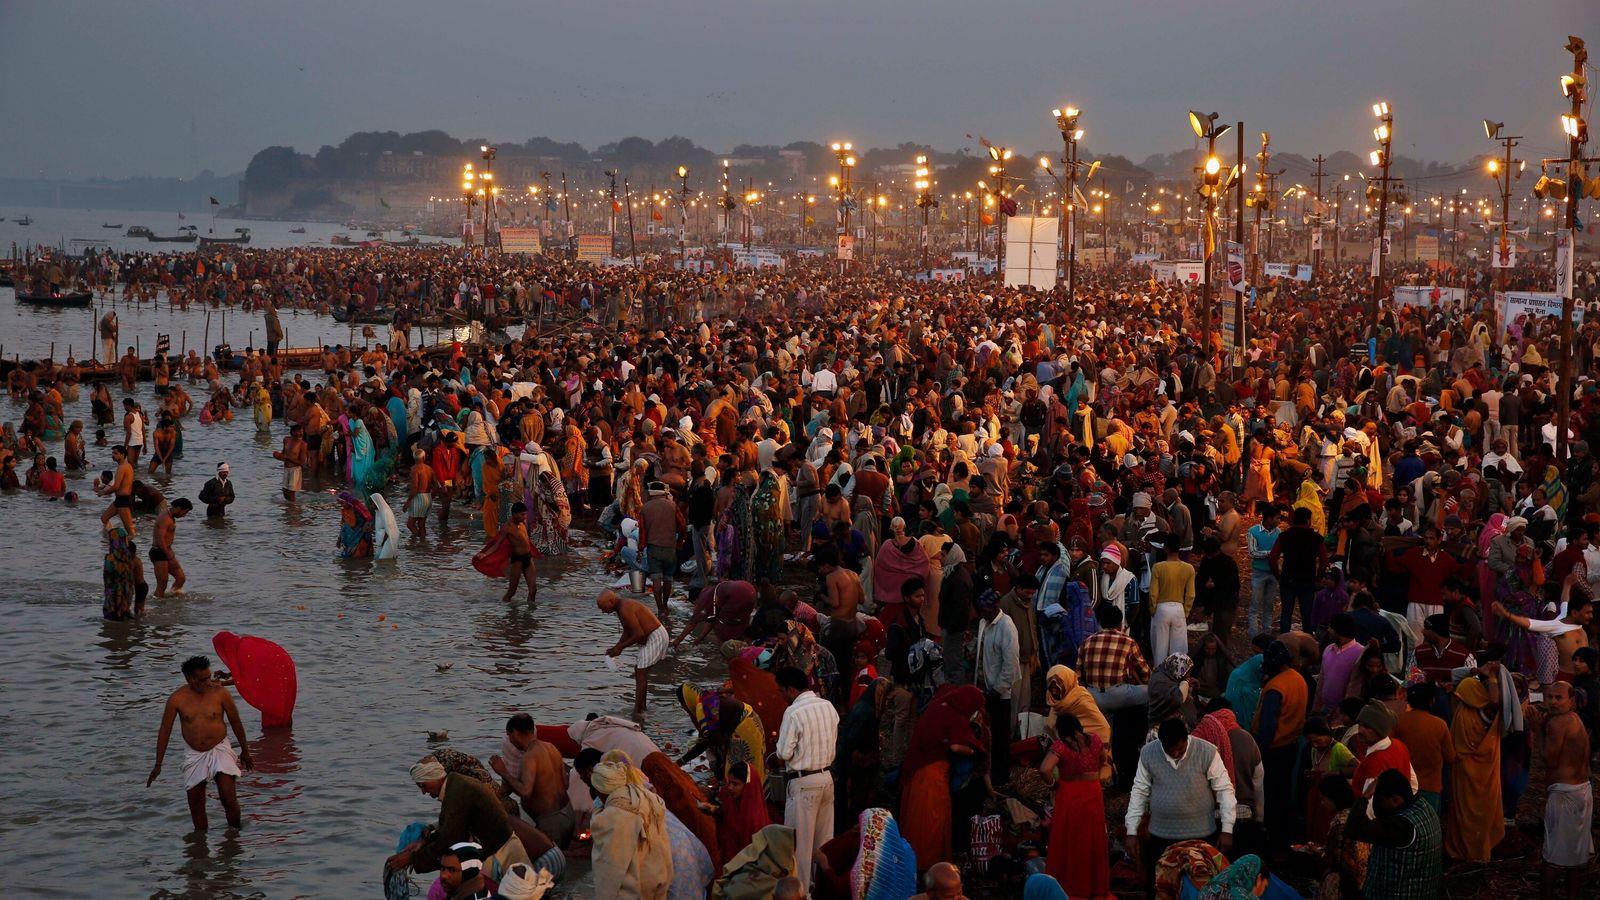 En 2014, des fidèles hindous se pressent au confluent de trois fleuves sacrés, le Gange, la Yamuna ...